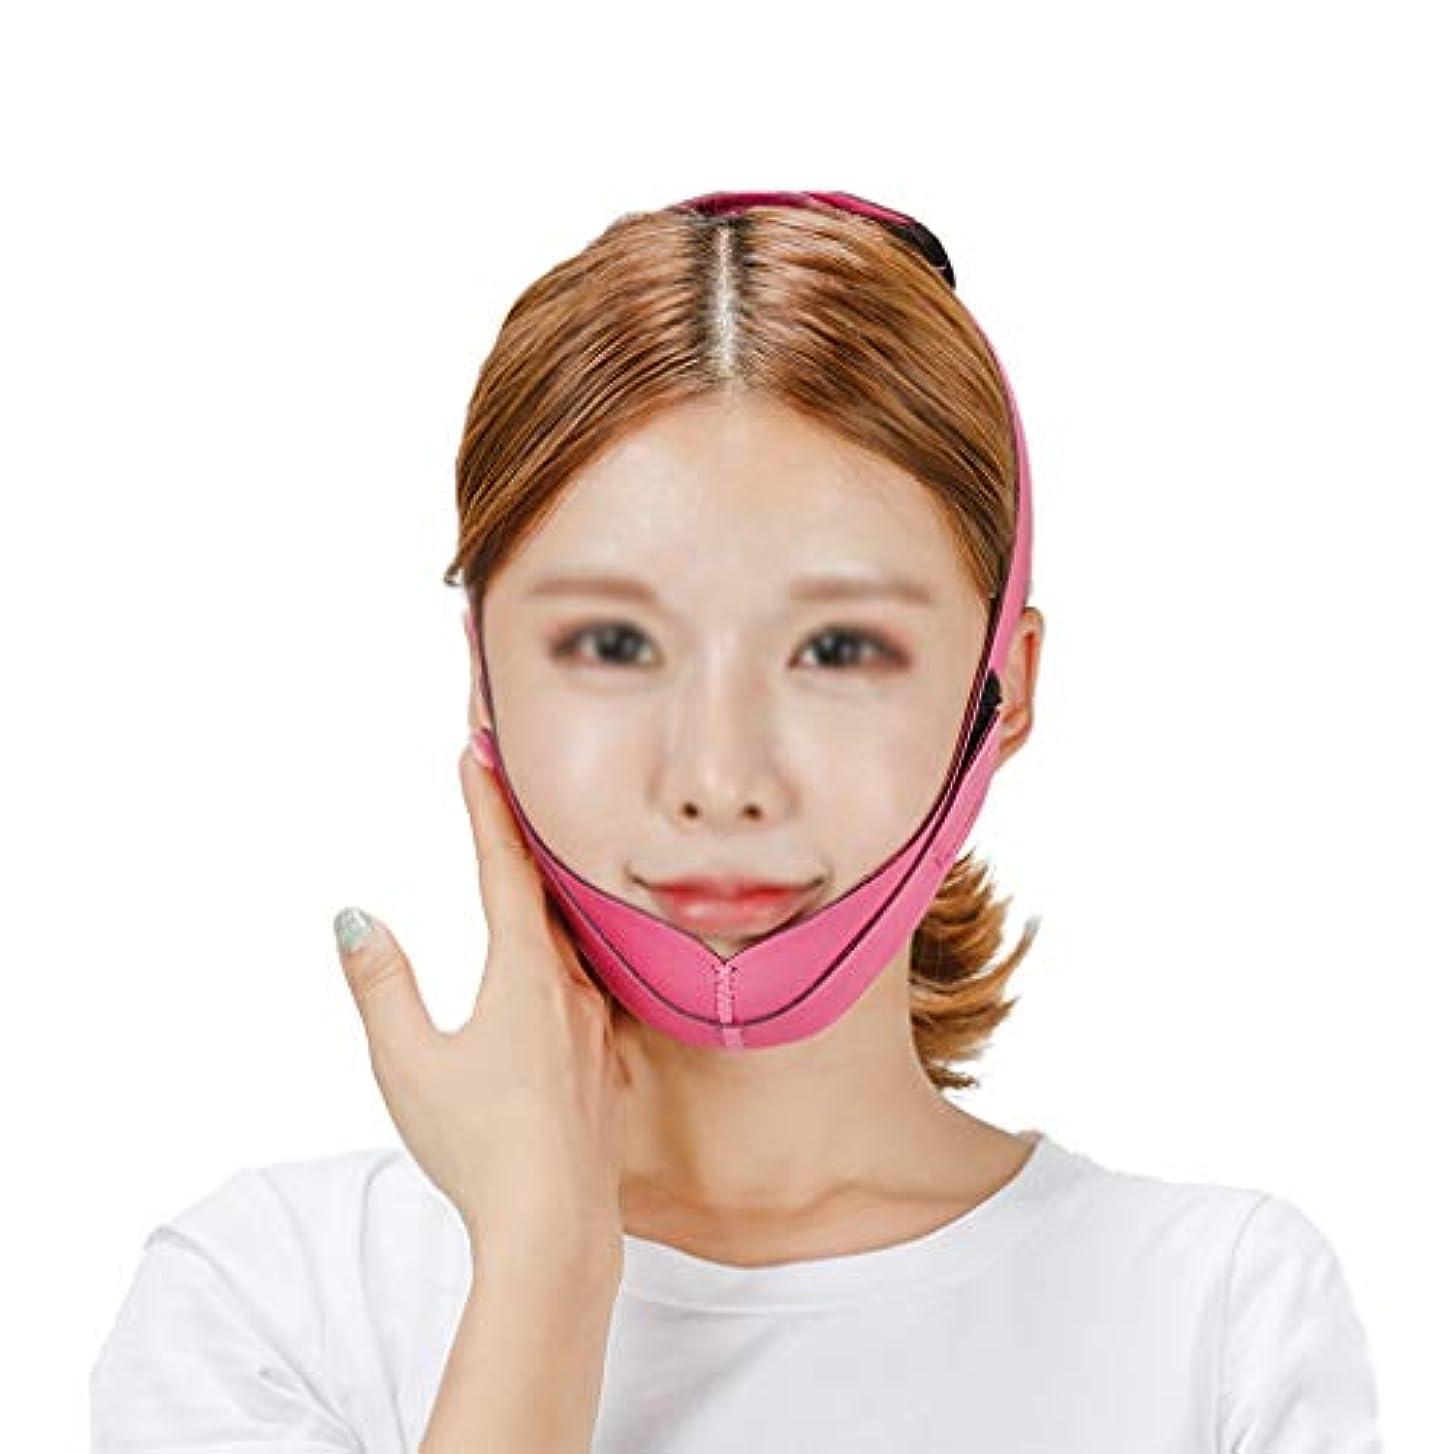 ディスク許す現実XHLMRMJ 超薄Vフェイスライン、フェイスリフティングマスク、Vフェイスリフティングとリフティングファーミングパターン、シェイピングフェイス、改善ダブルチン、ピンク、女性に適しています